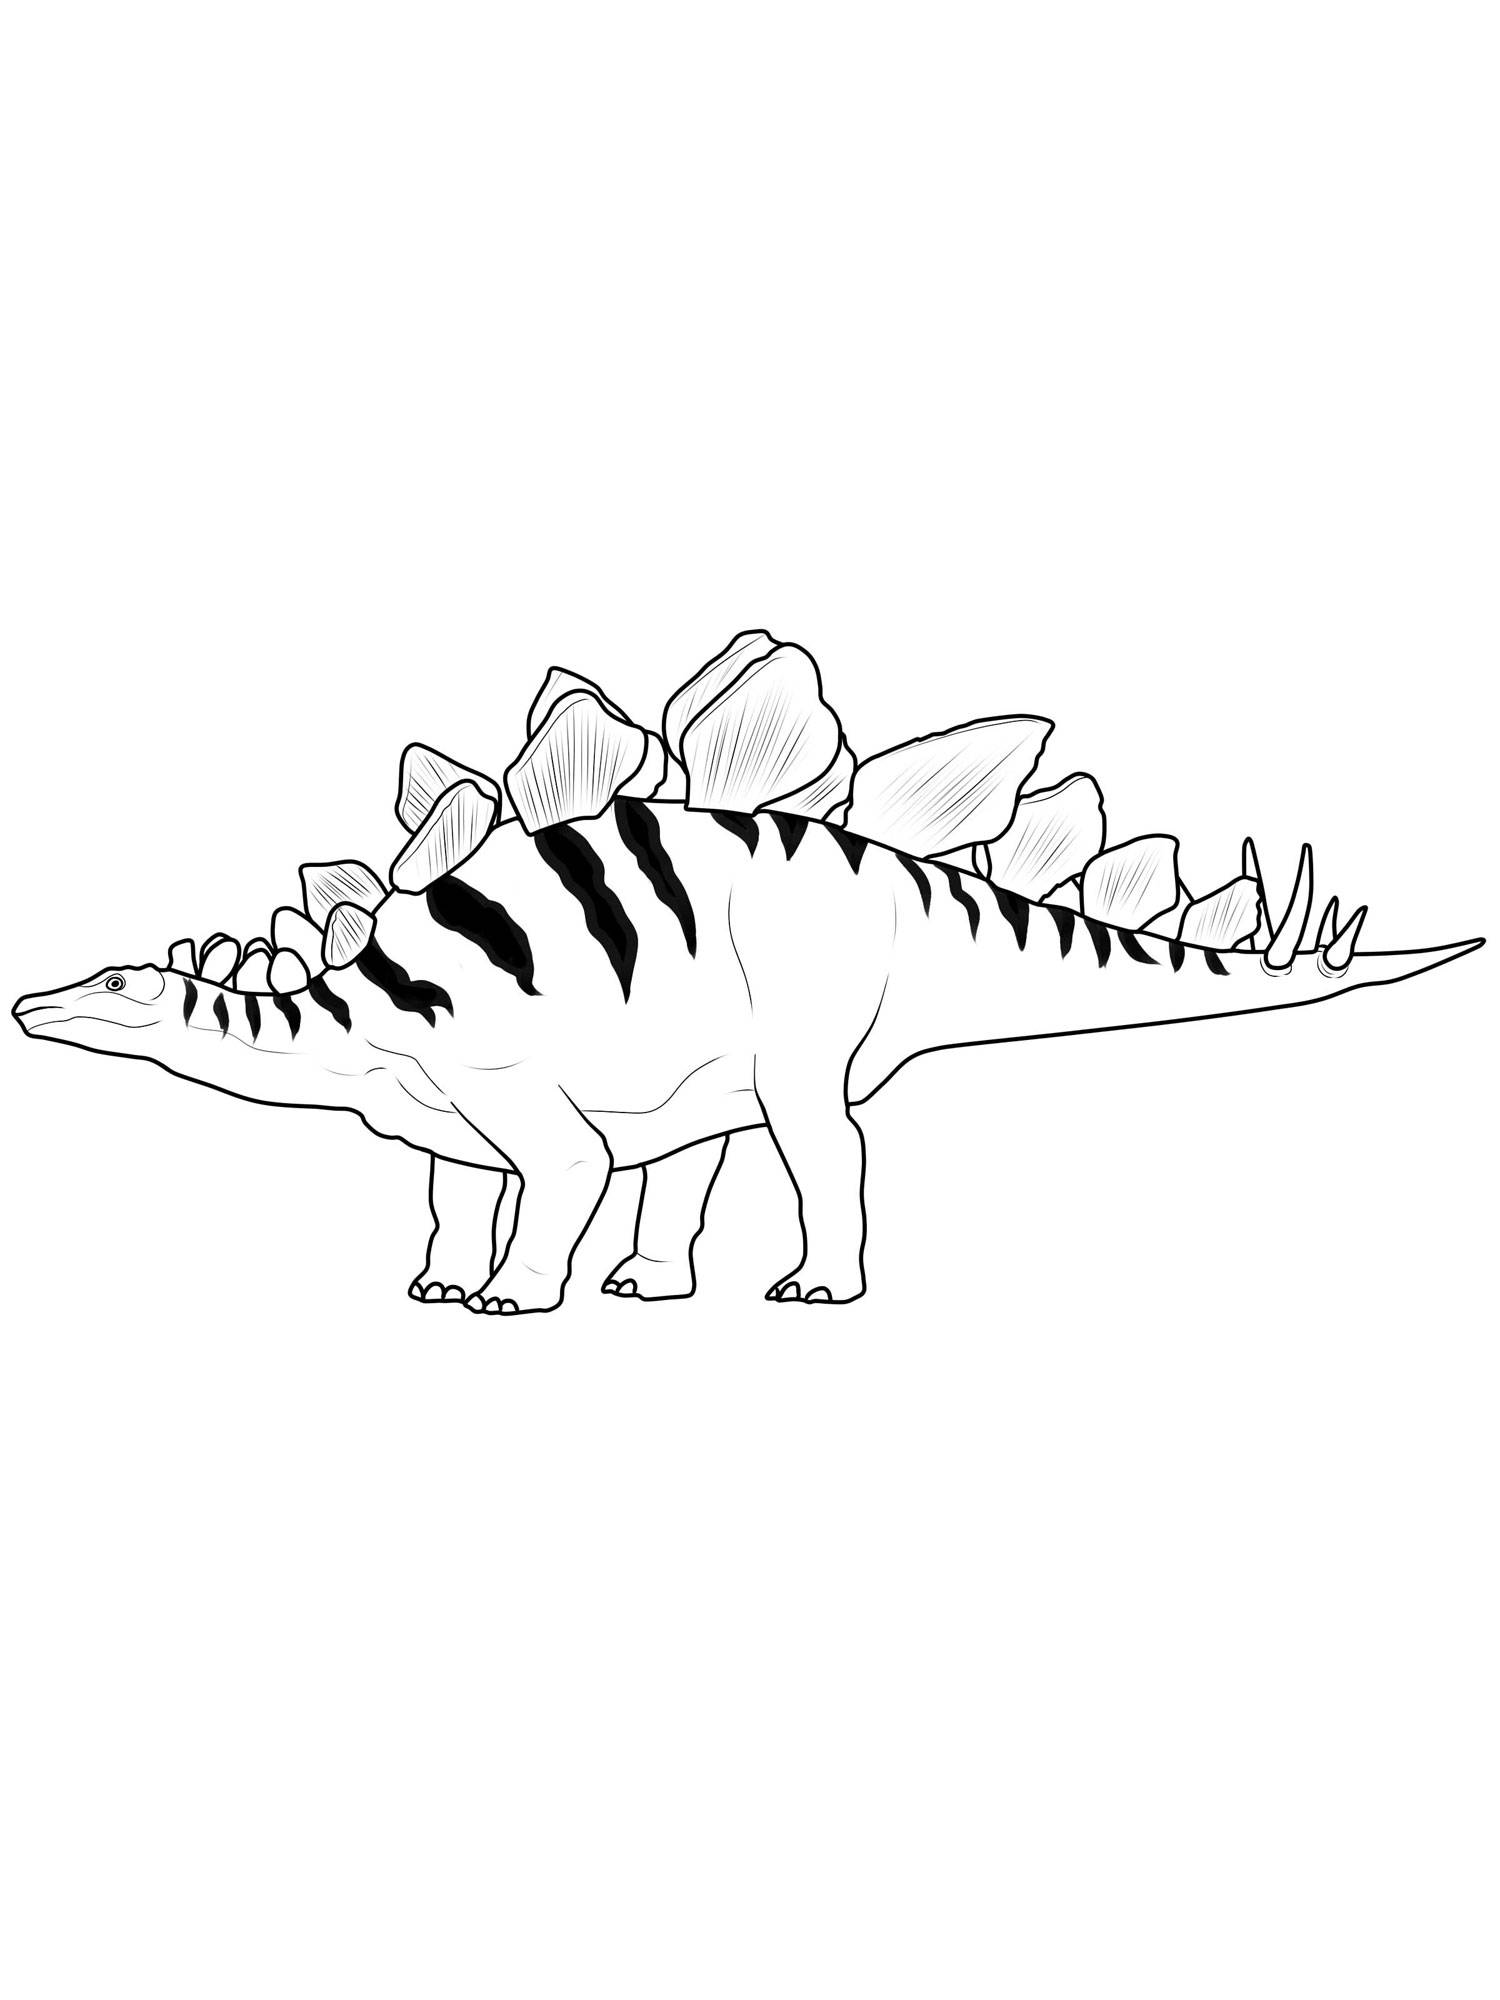 Kostenlose Ausmalbilder Dinosaurier : Ausmalbild Dinosaurier Und Steinzeit Dinosaurier Stegosaurus